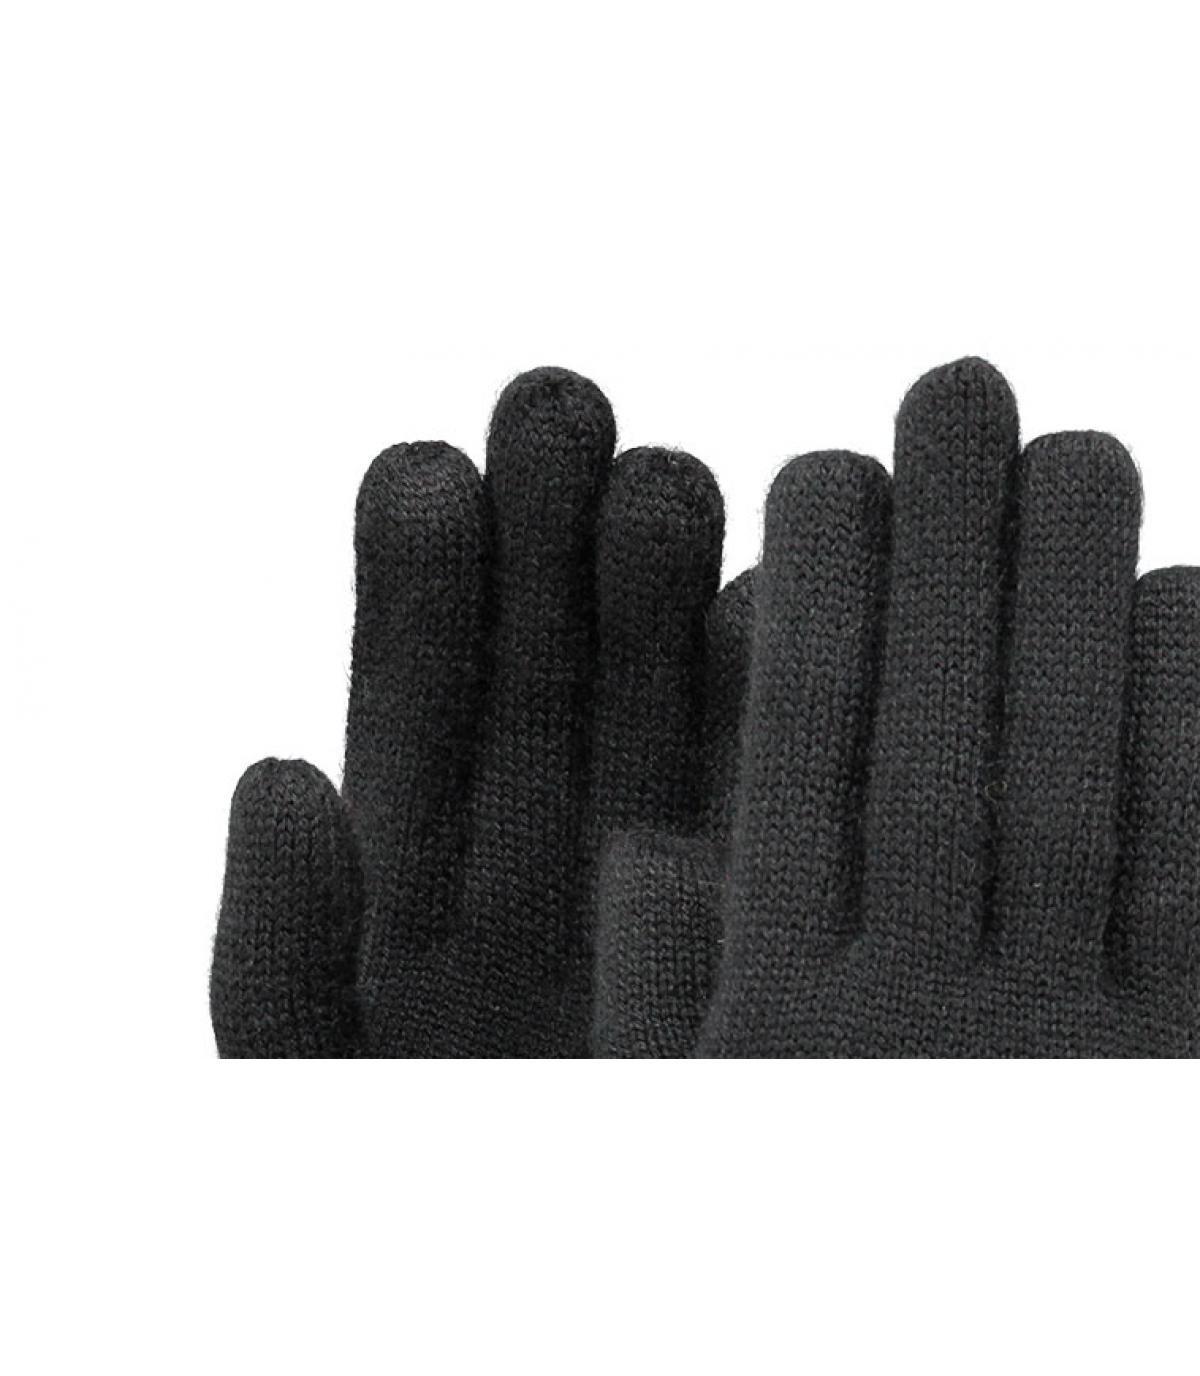 Détails Fine Knitted Gloves black M - image 2